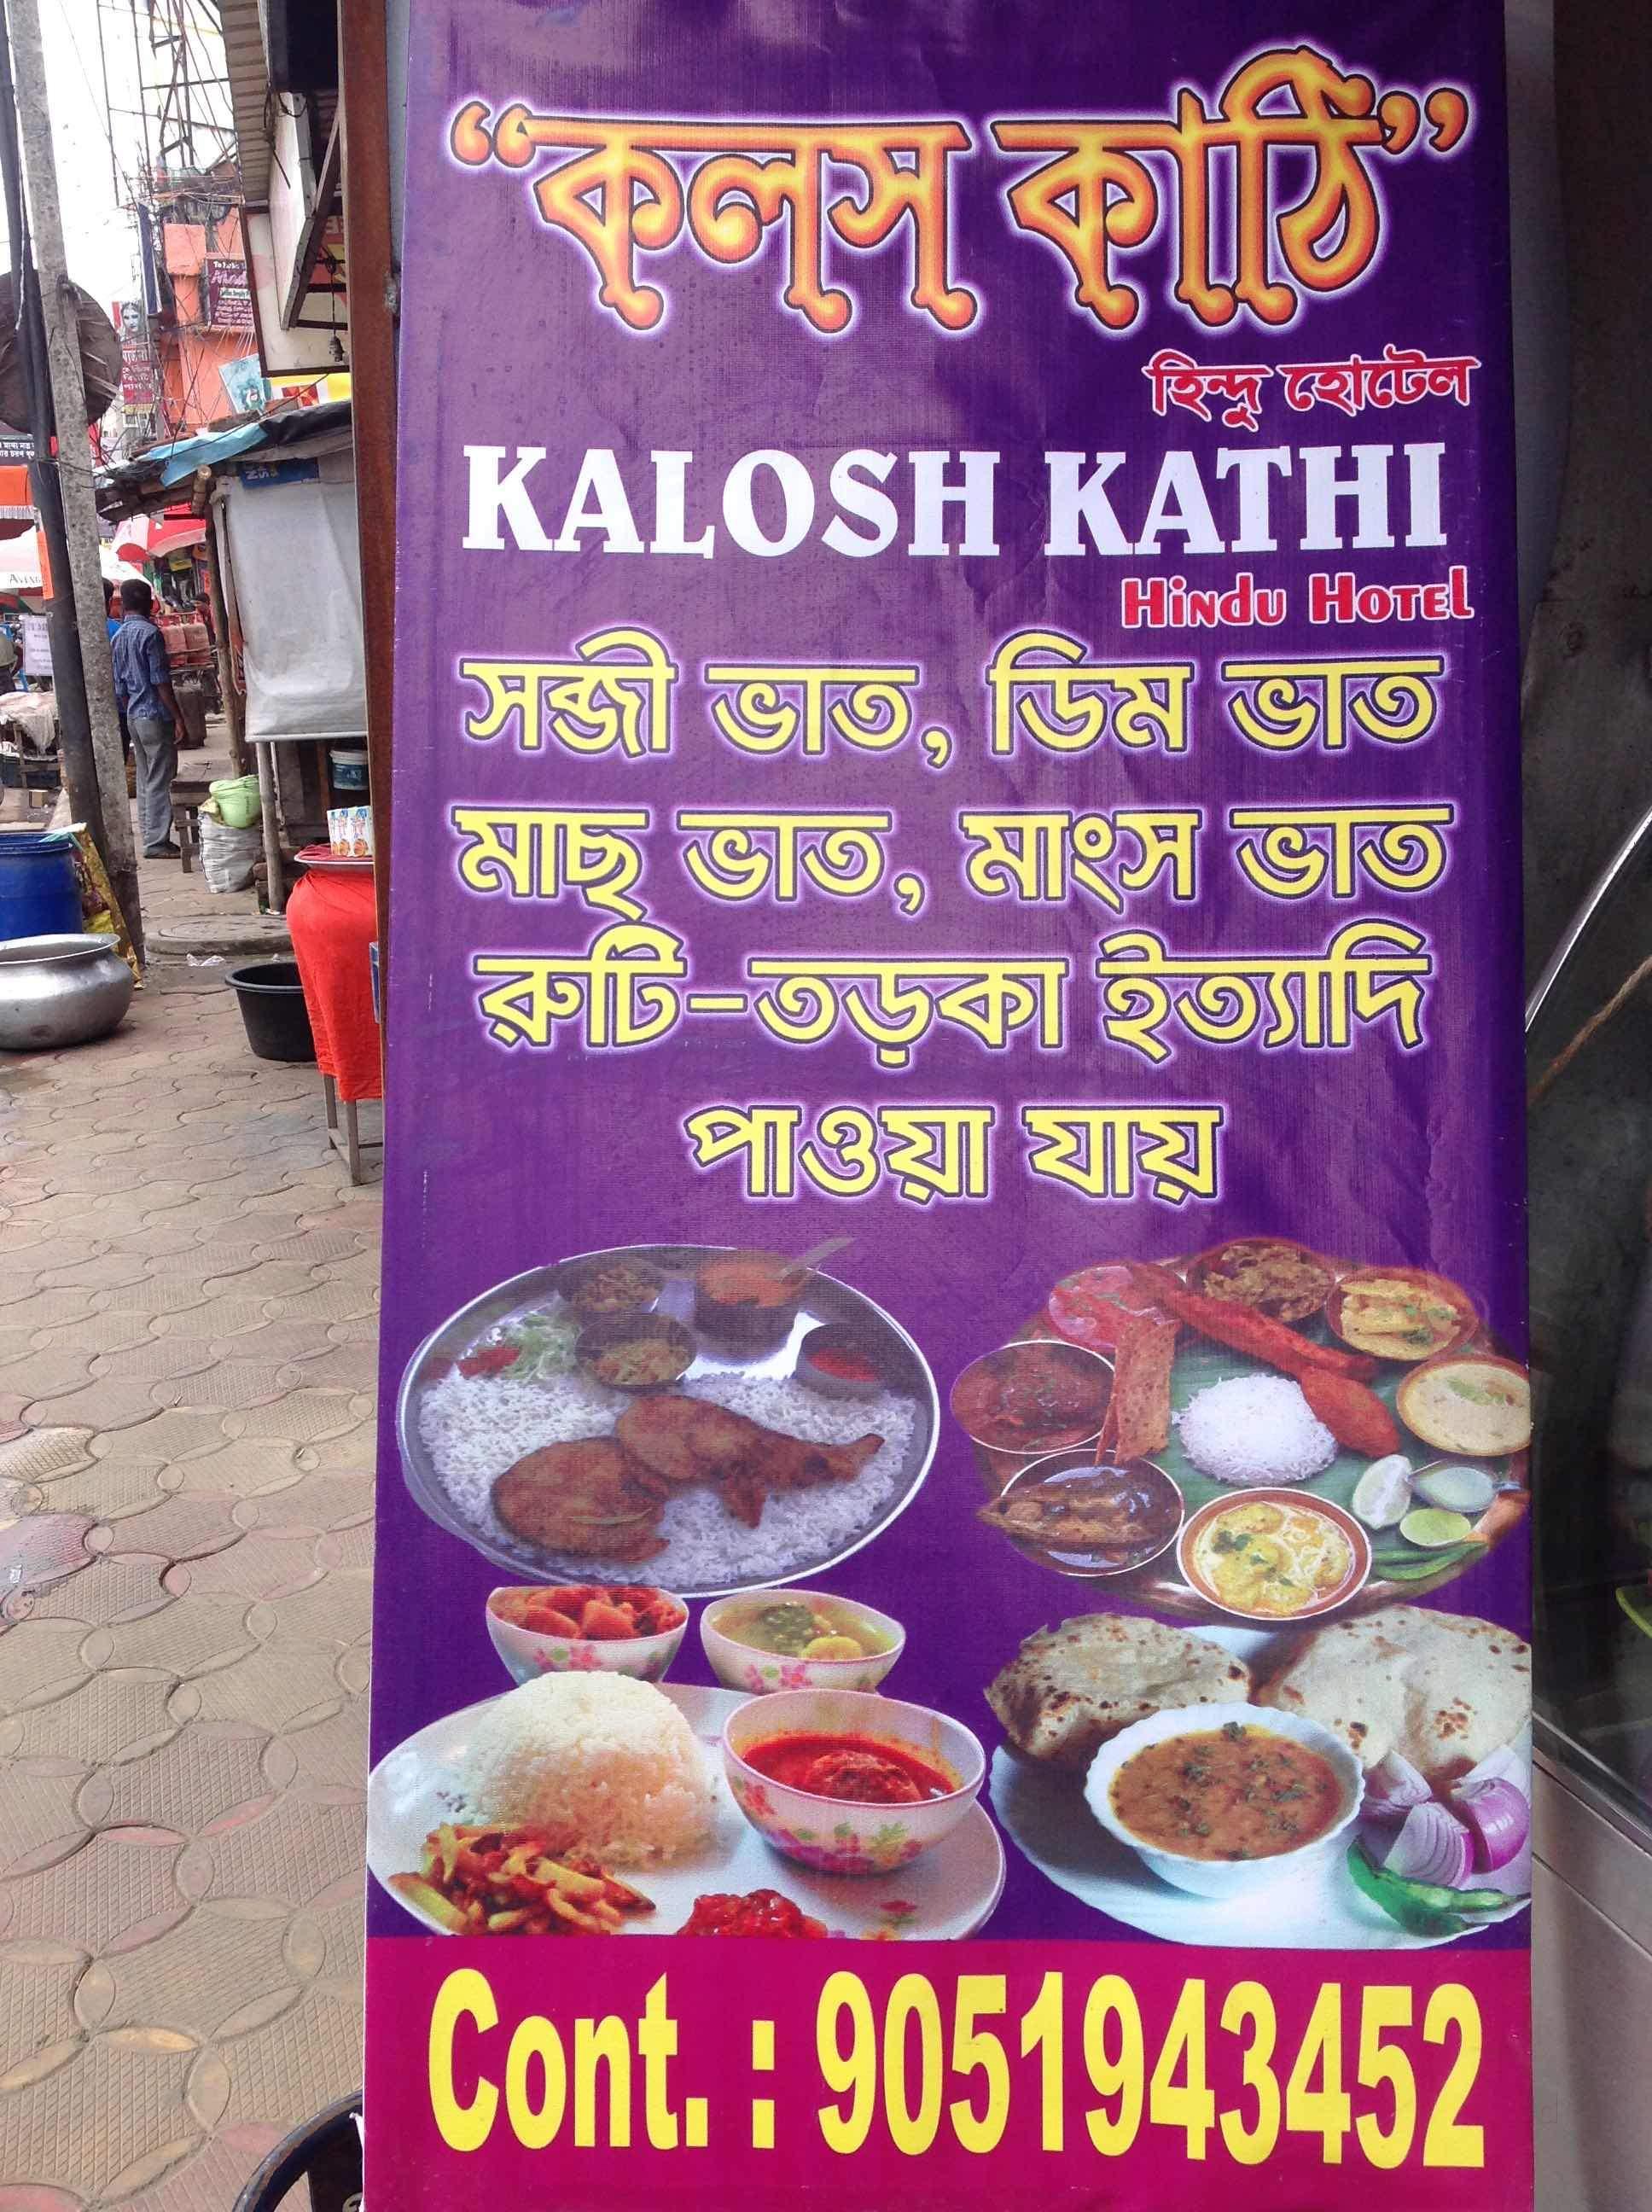 Coastal Thali Restaurants Home Delivery Salt Lake City Bidhan Nagar Kolkata